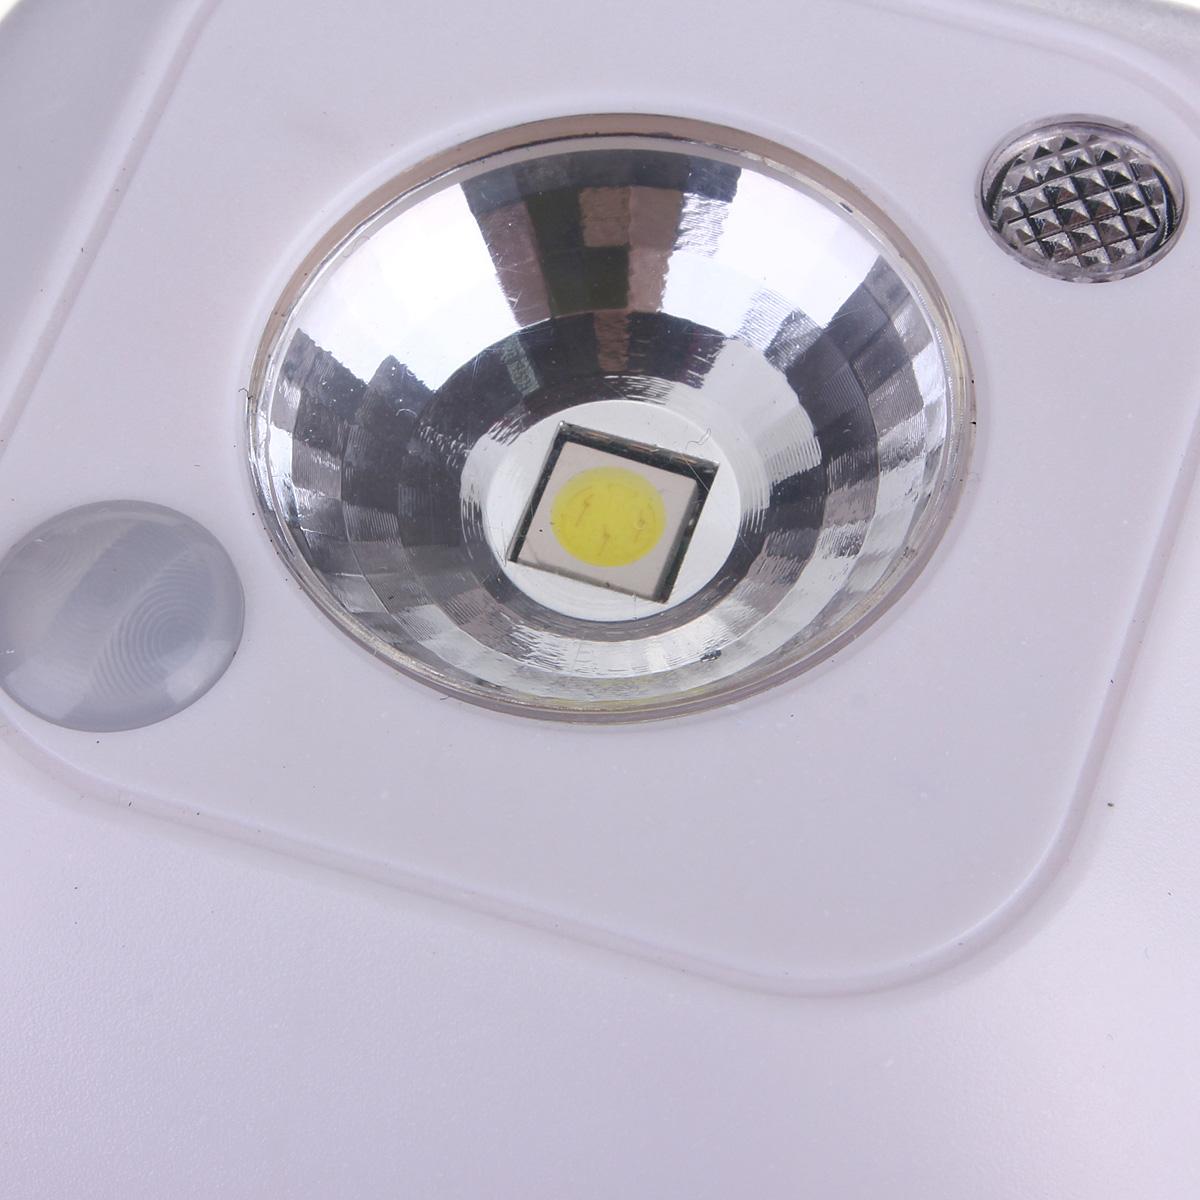 mini infrared motion sensor ceiling light battery powered